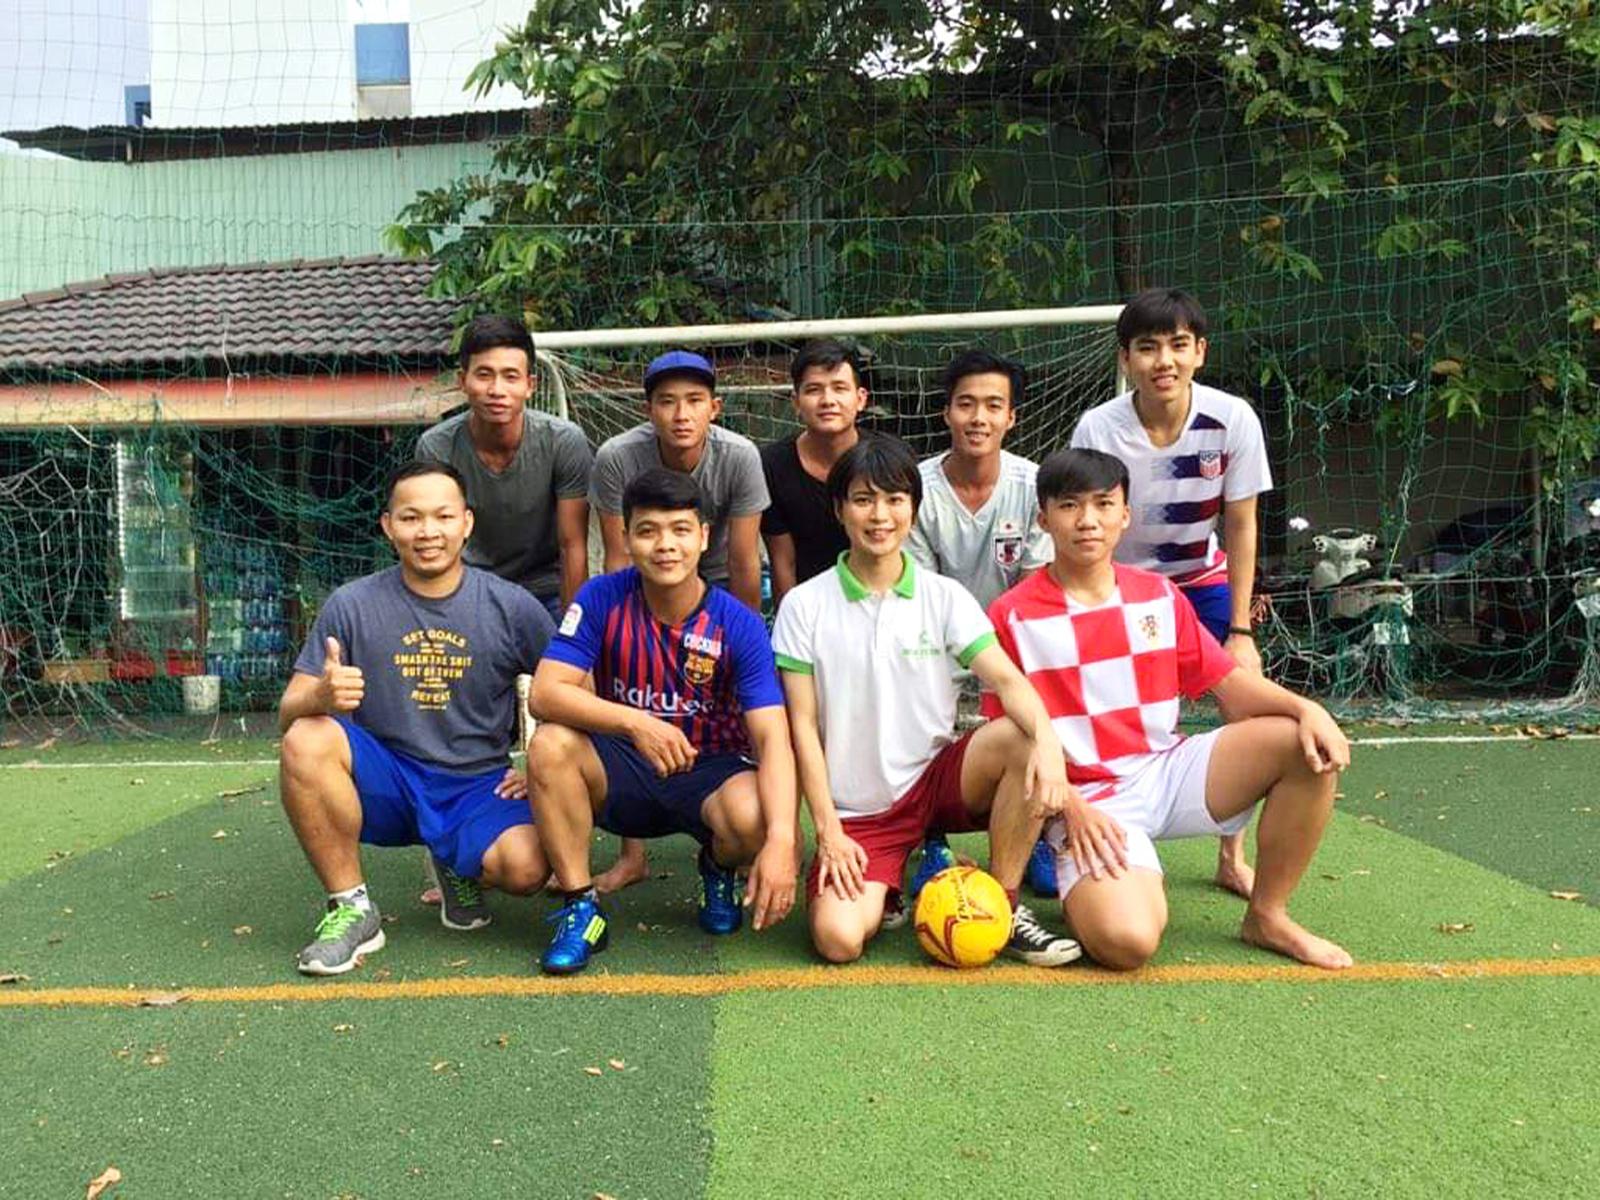 ベトナムのサッカー熱は日本以上。ベトナム代表戦となると国民全員がテレビに釘付け。